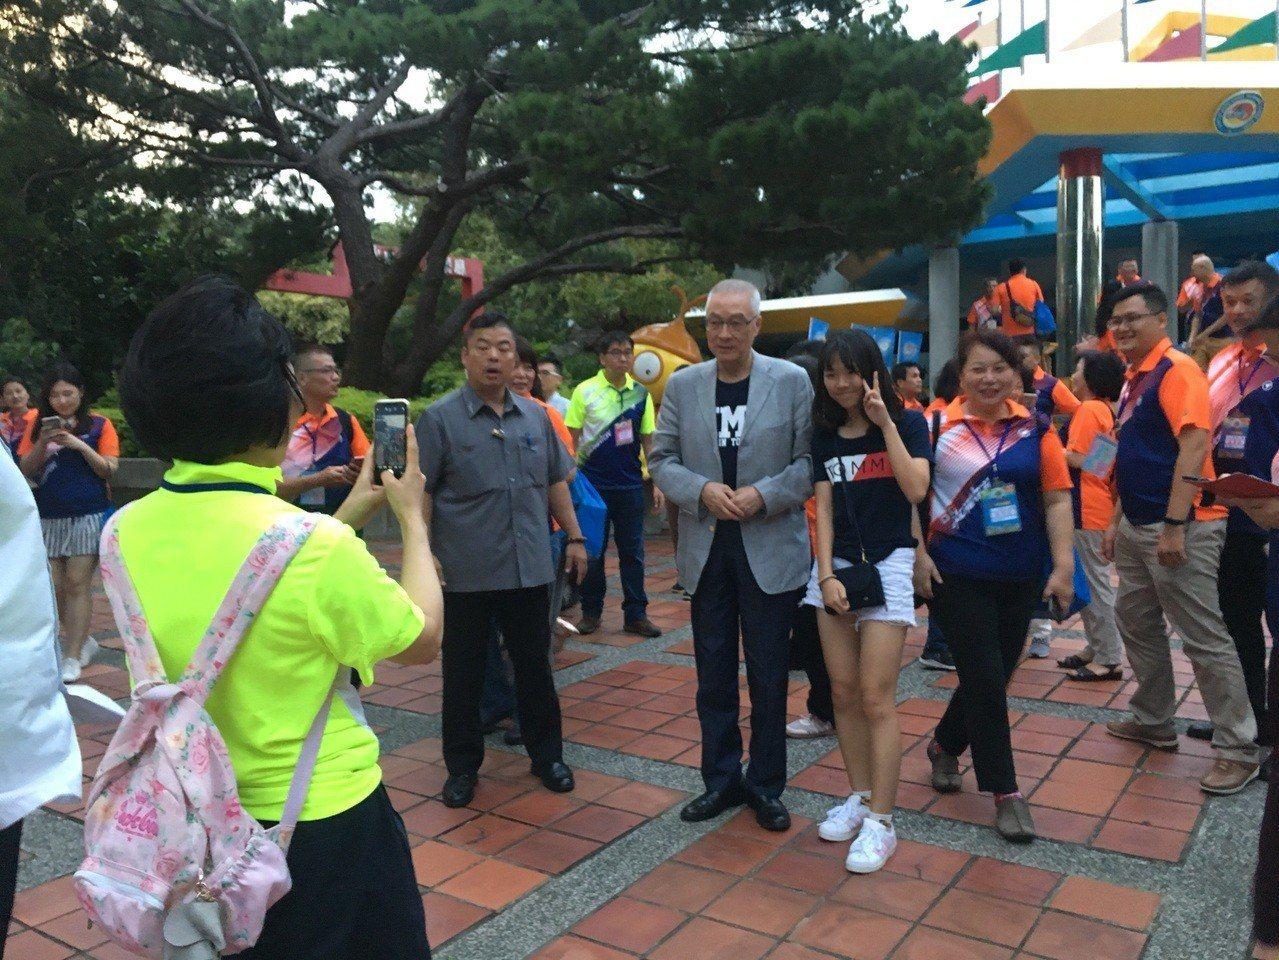 國民黨主席吳敦義特別出席,受到熱烈的歡迎,許多人搶著合照。記者陳斯穎/攝影